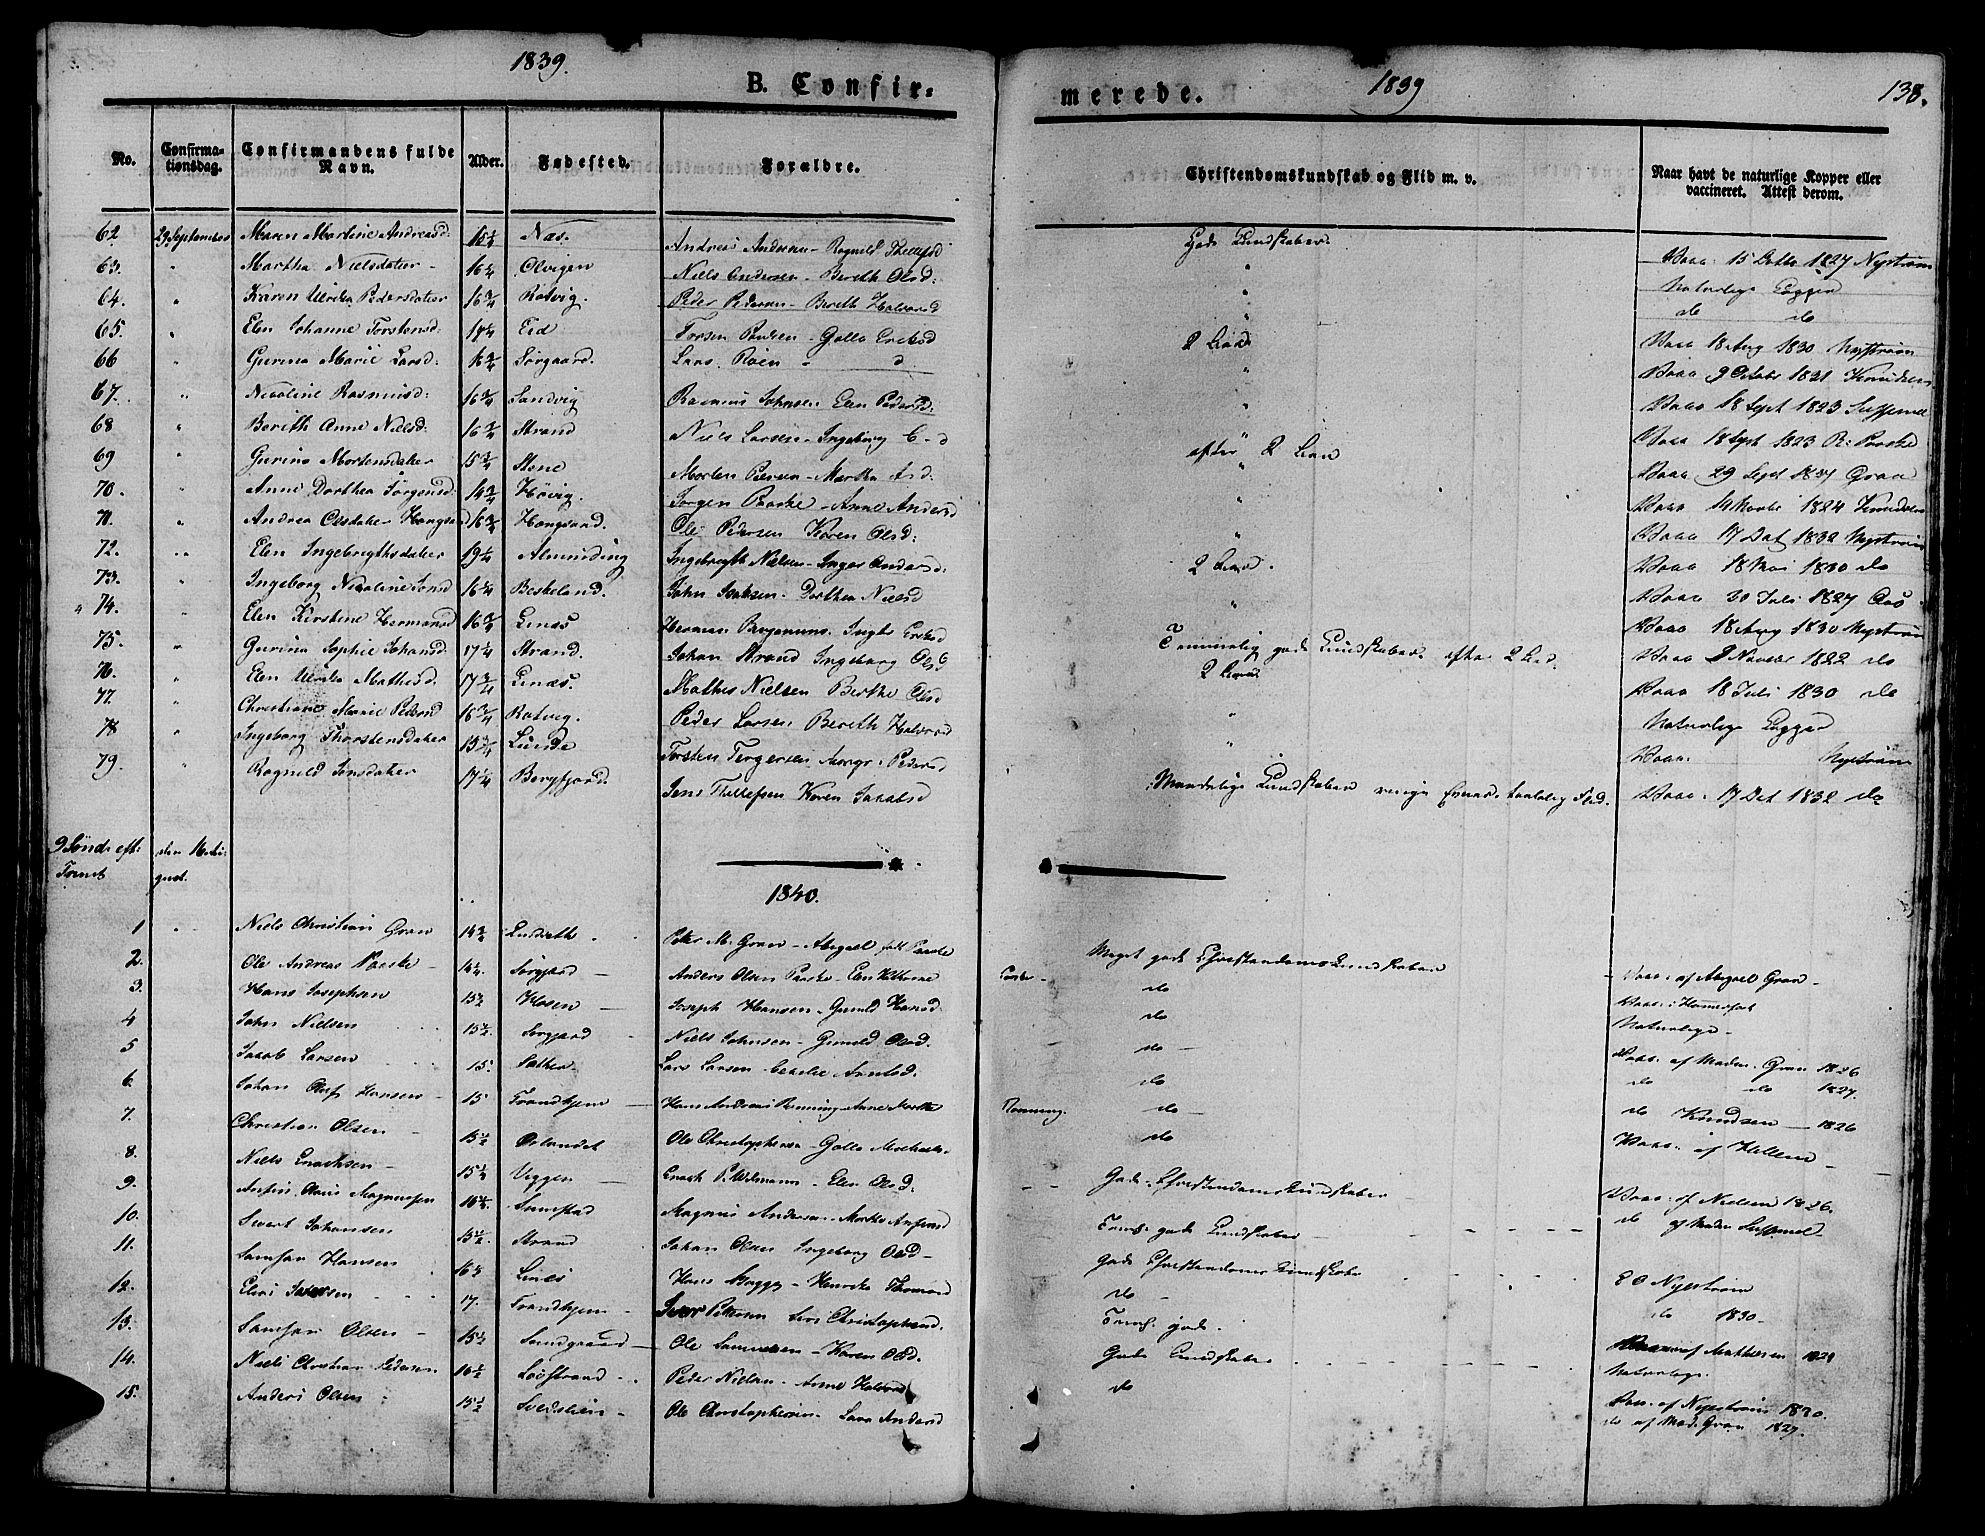 SAT, Ministerialprotokoller, klokkerbøker og fødselsregistre - Sør-Trøndelag, 657/L0703: Ministerialbok nr. 657A04, 1831-1846, s. 138